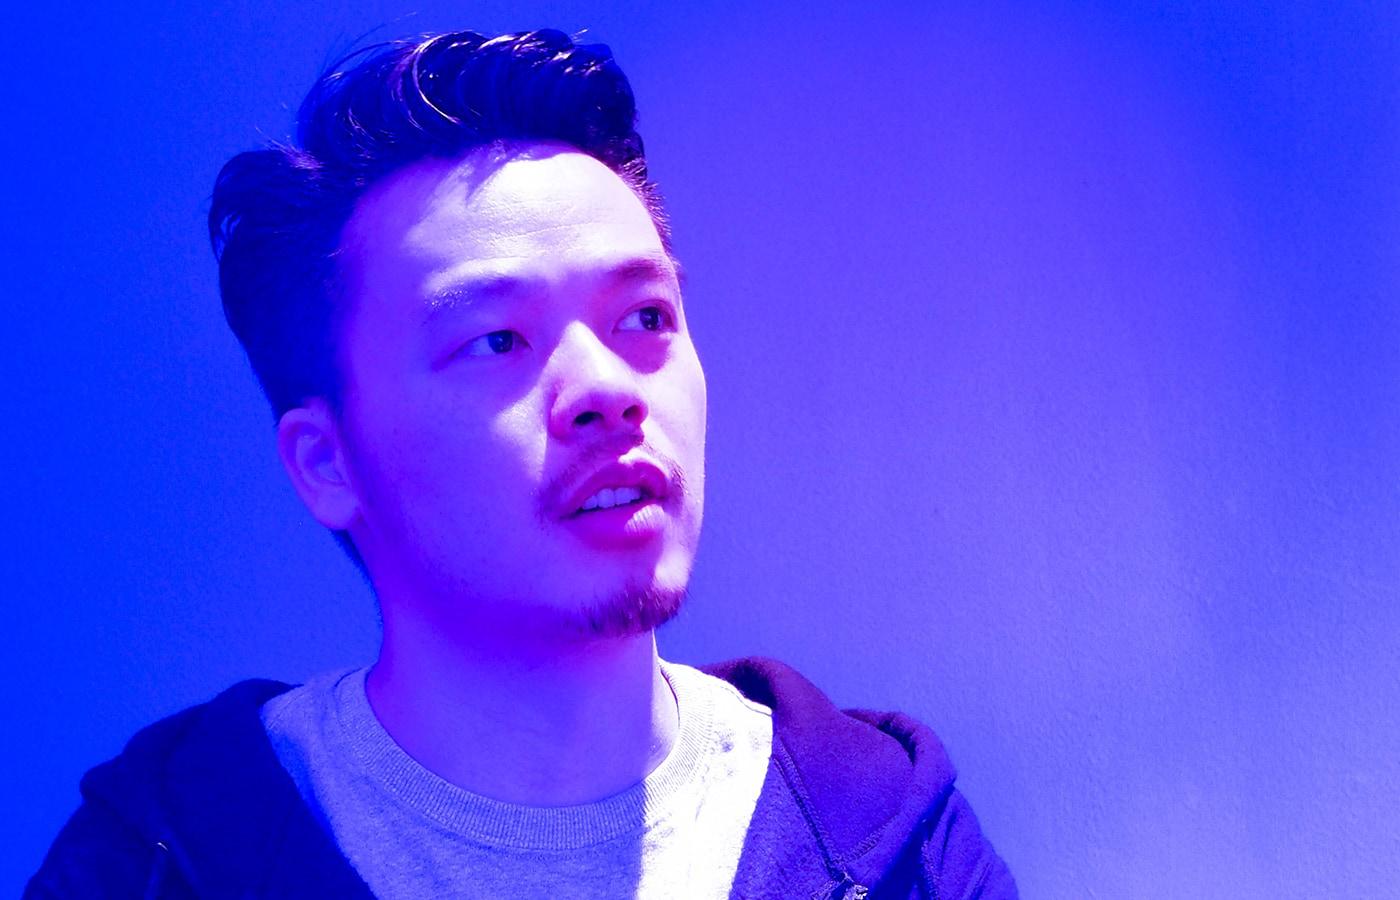 「よりゲームの中に入り込む」体験を。VRゲームで非現実体験を提供するSandbox VR